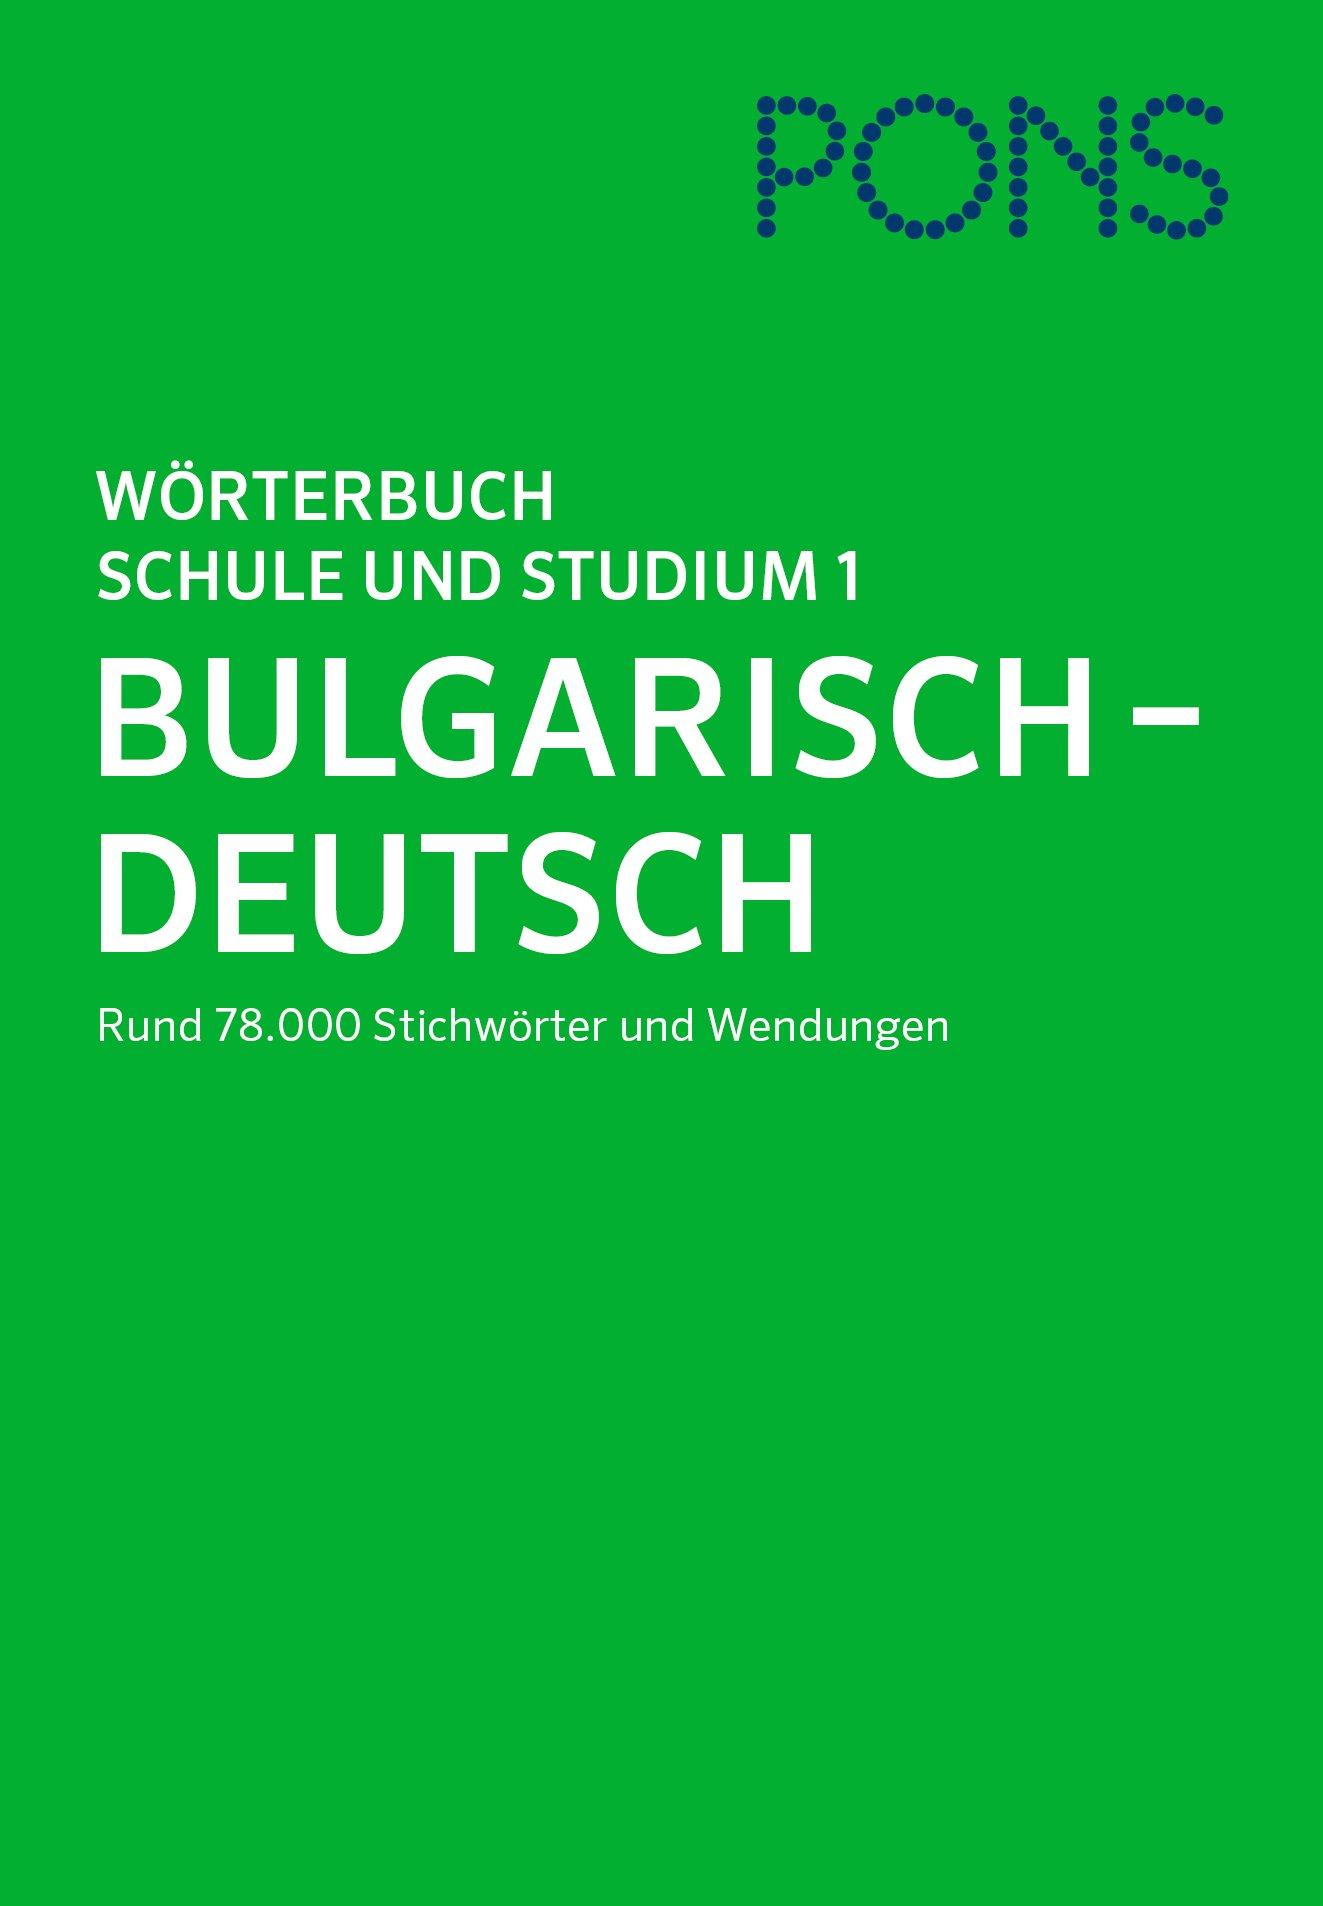 PONS Wörterbuch für Schule und Studium Bulgarisch, Teil 1: Bulgarisch-Deutsch